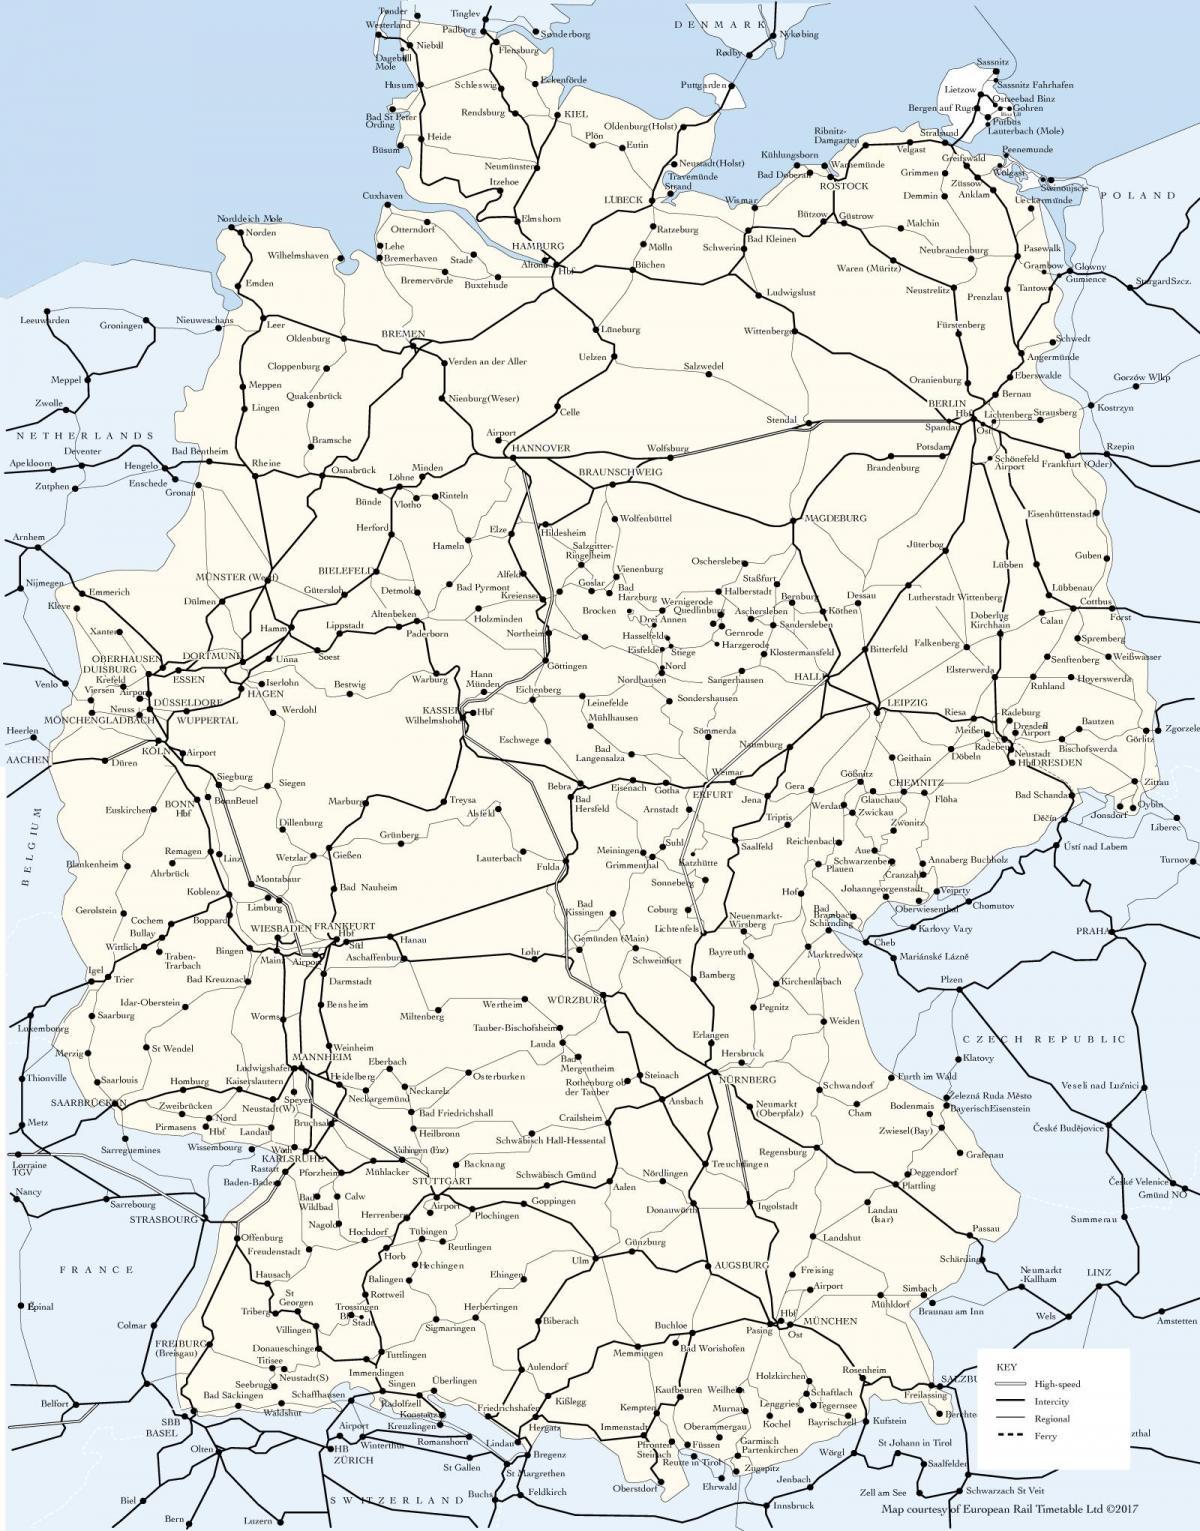 tog i europa kart Tyskland tog kart   Kart over Tyskland tog ruter (Vest Europa  tog i europa kart